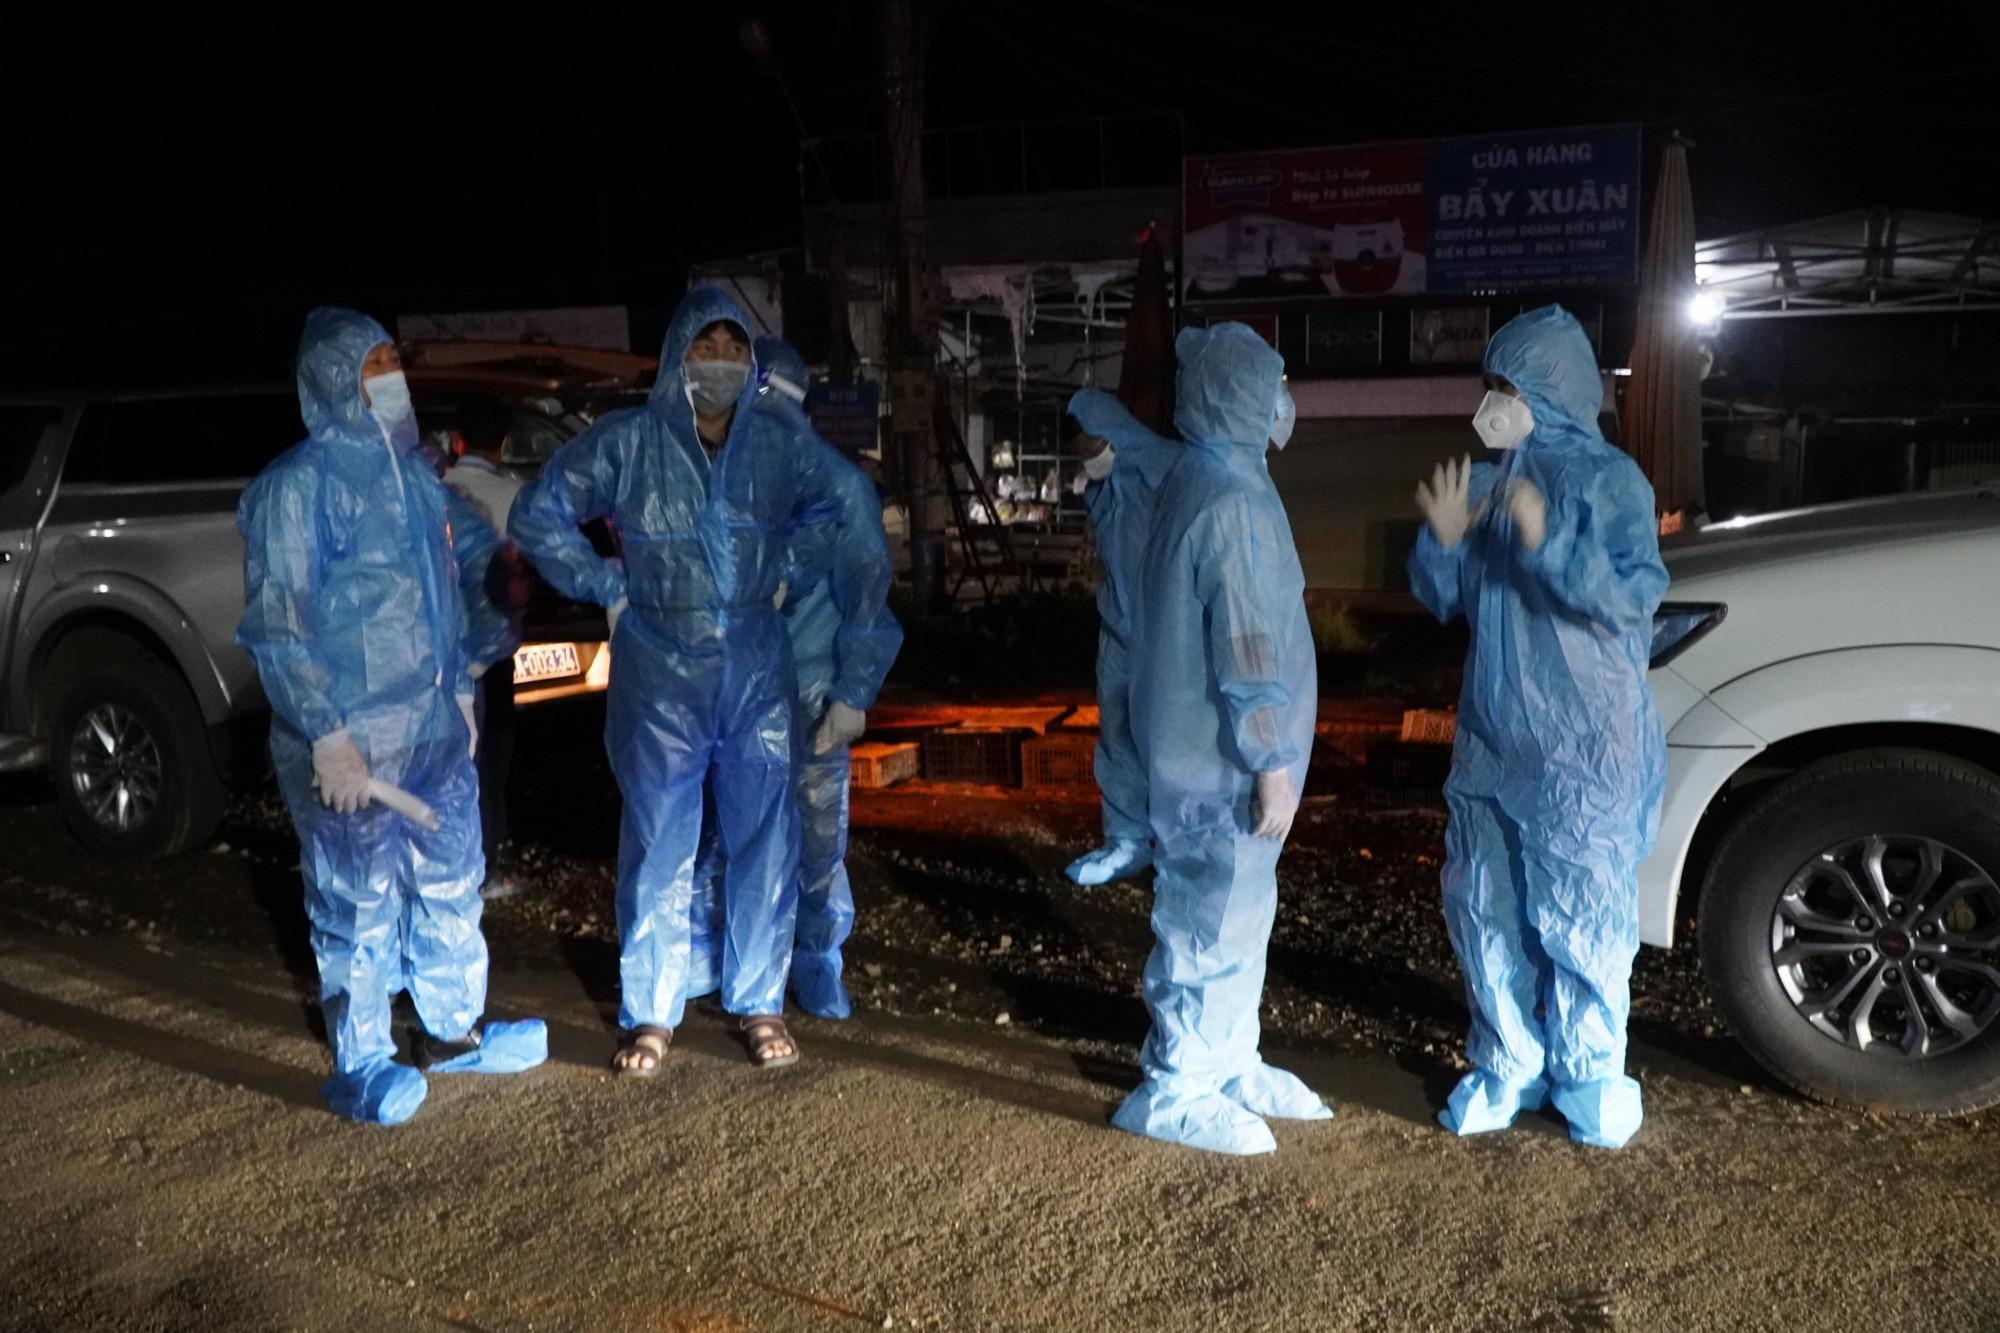 Tỉnh Đắk Nông vừa ghi nhận thêm 5 trường hợp dương tính với SARS-CoV-2